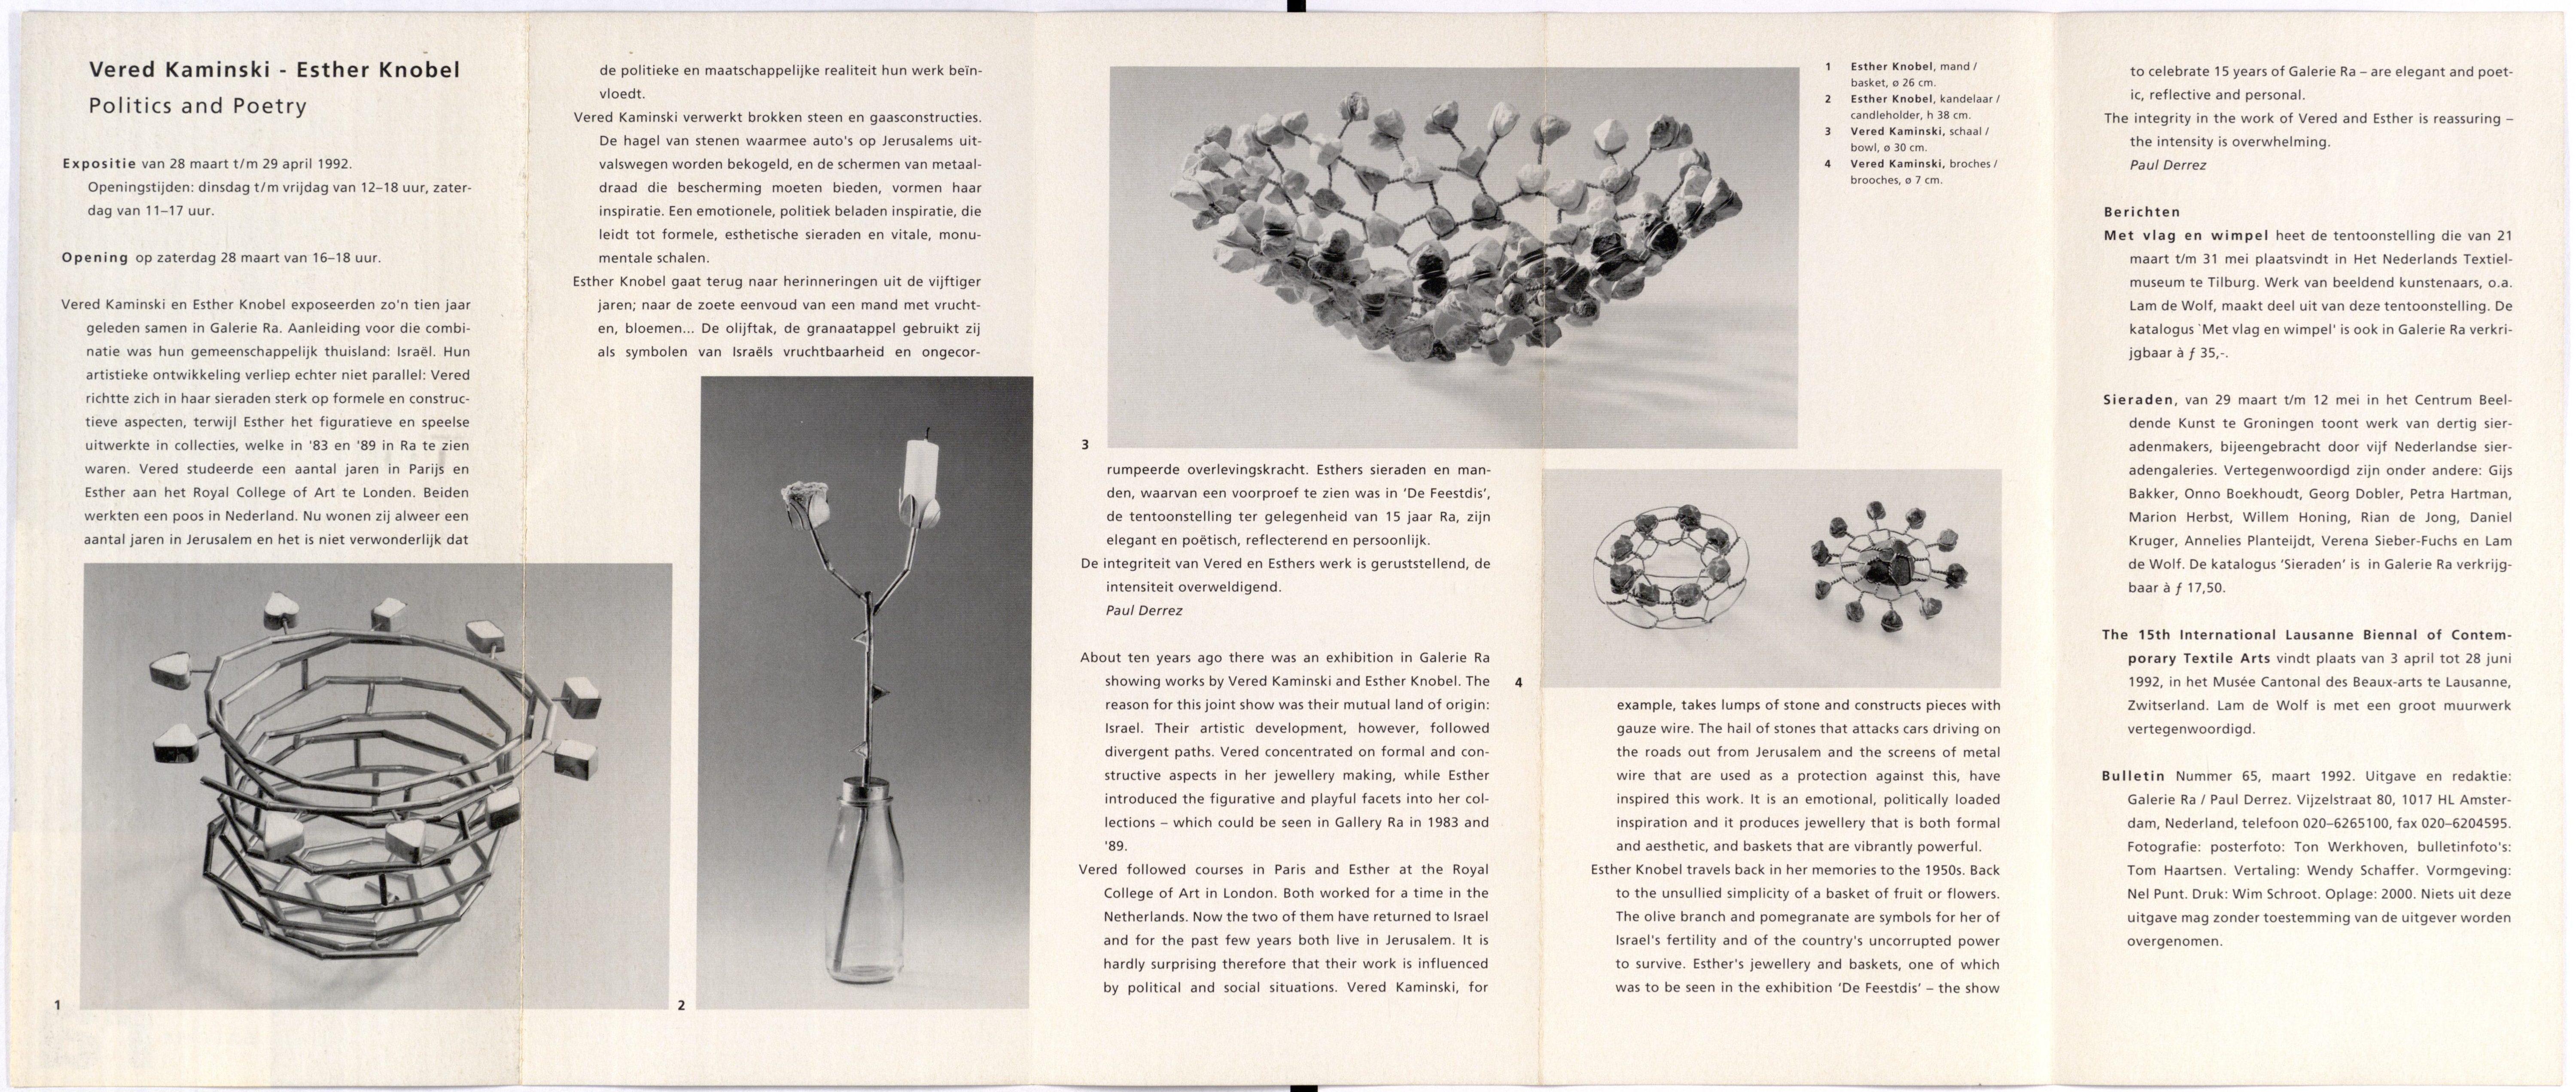 Ra Bulletin 65, maart 1992, achterzijde met tekst en foto's van Tom Haartsen, Vered Kaminski, Esther Knobel, objecten, broches, metaal, drukwerk, papier